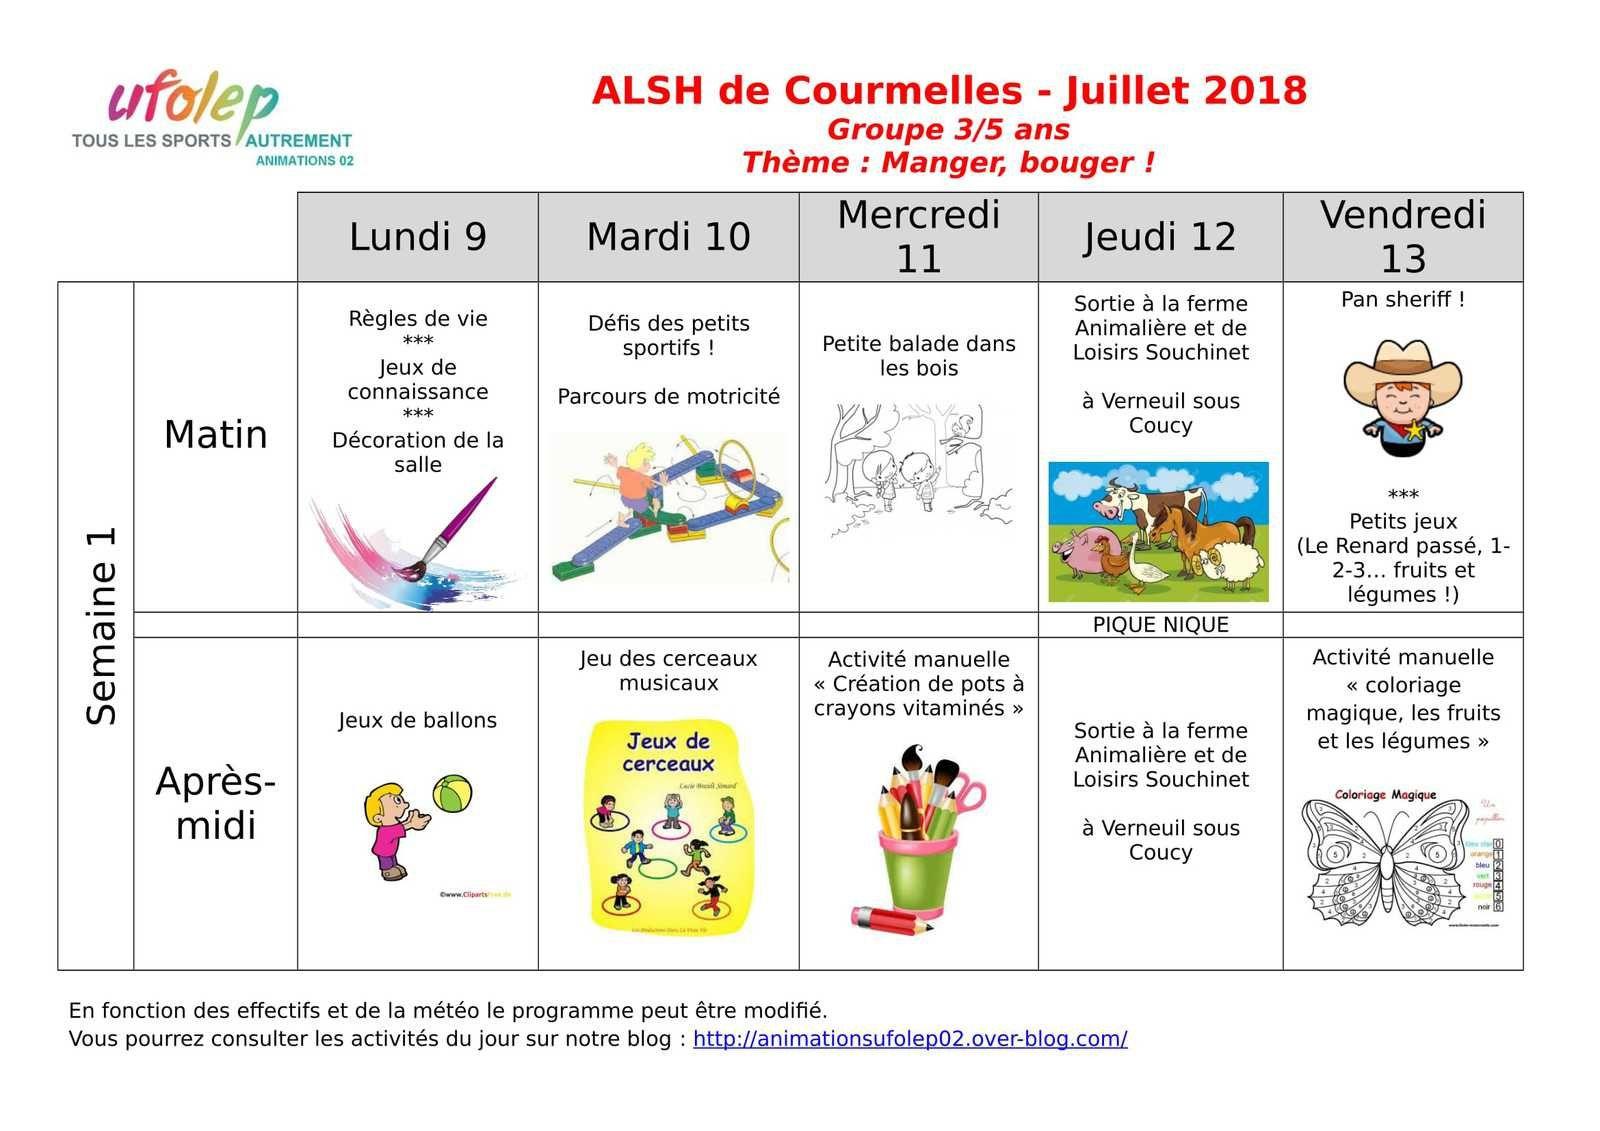 Alsh Courmelles - Les Activités - Animations Ufolep 02, Le Blog à Petit Jeux 3 5 Ans